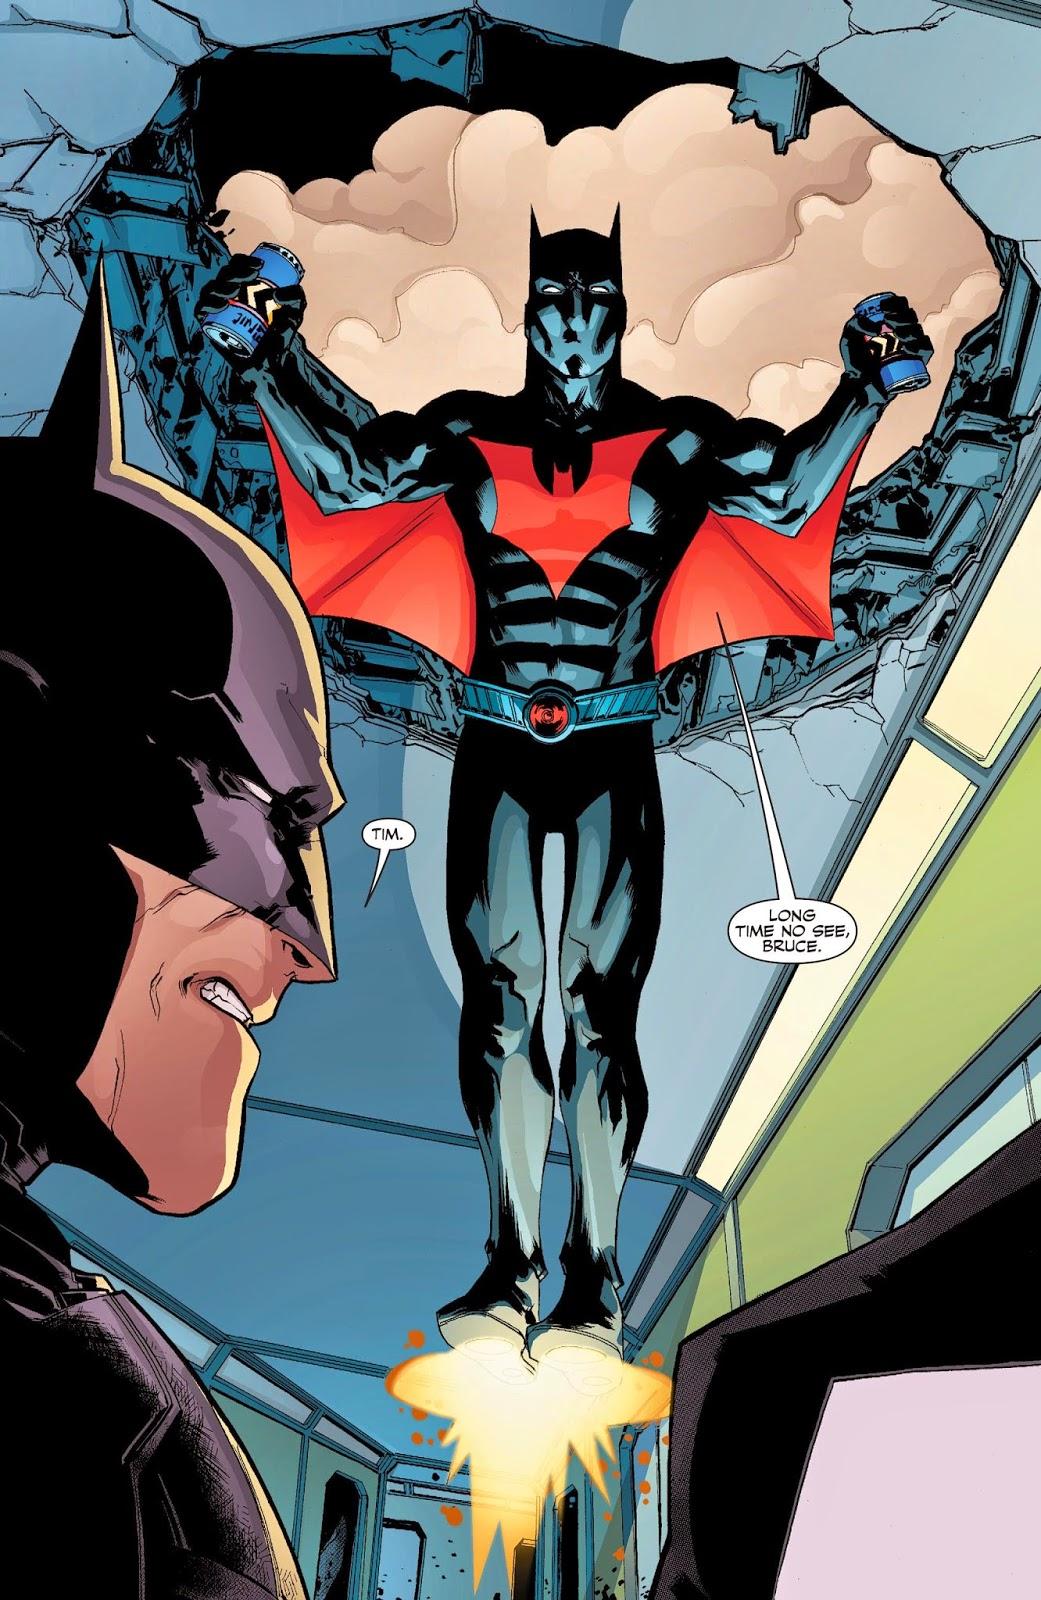 Weird Science DC Comics: The New 52: Futures End #47 ...New 52 Batman Beyond